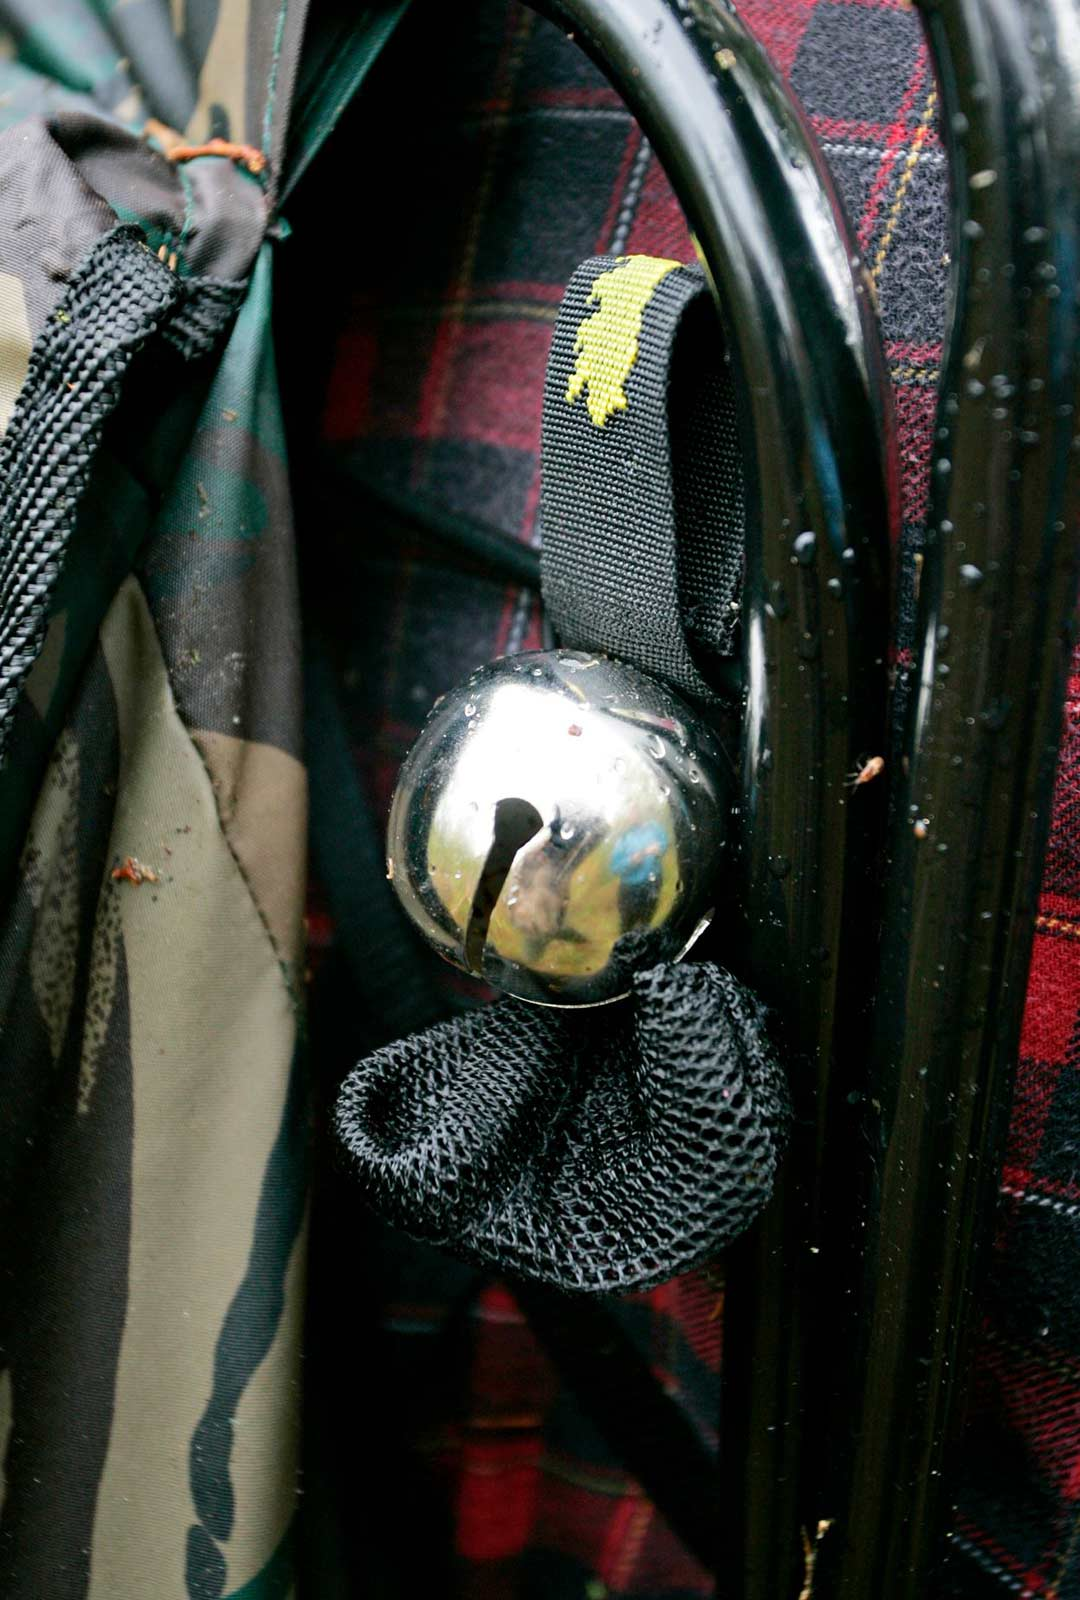 Vaatteisiin voi kiinnittää karhukellon tai muun helistimen karhujen varalle.